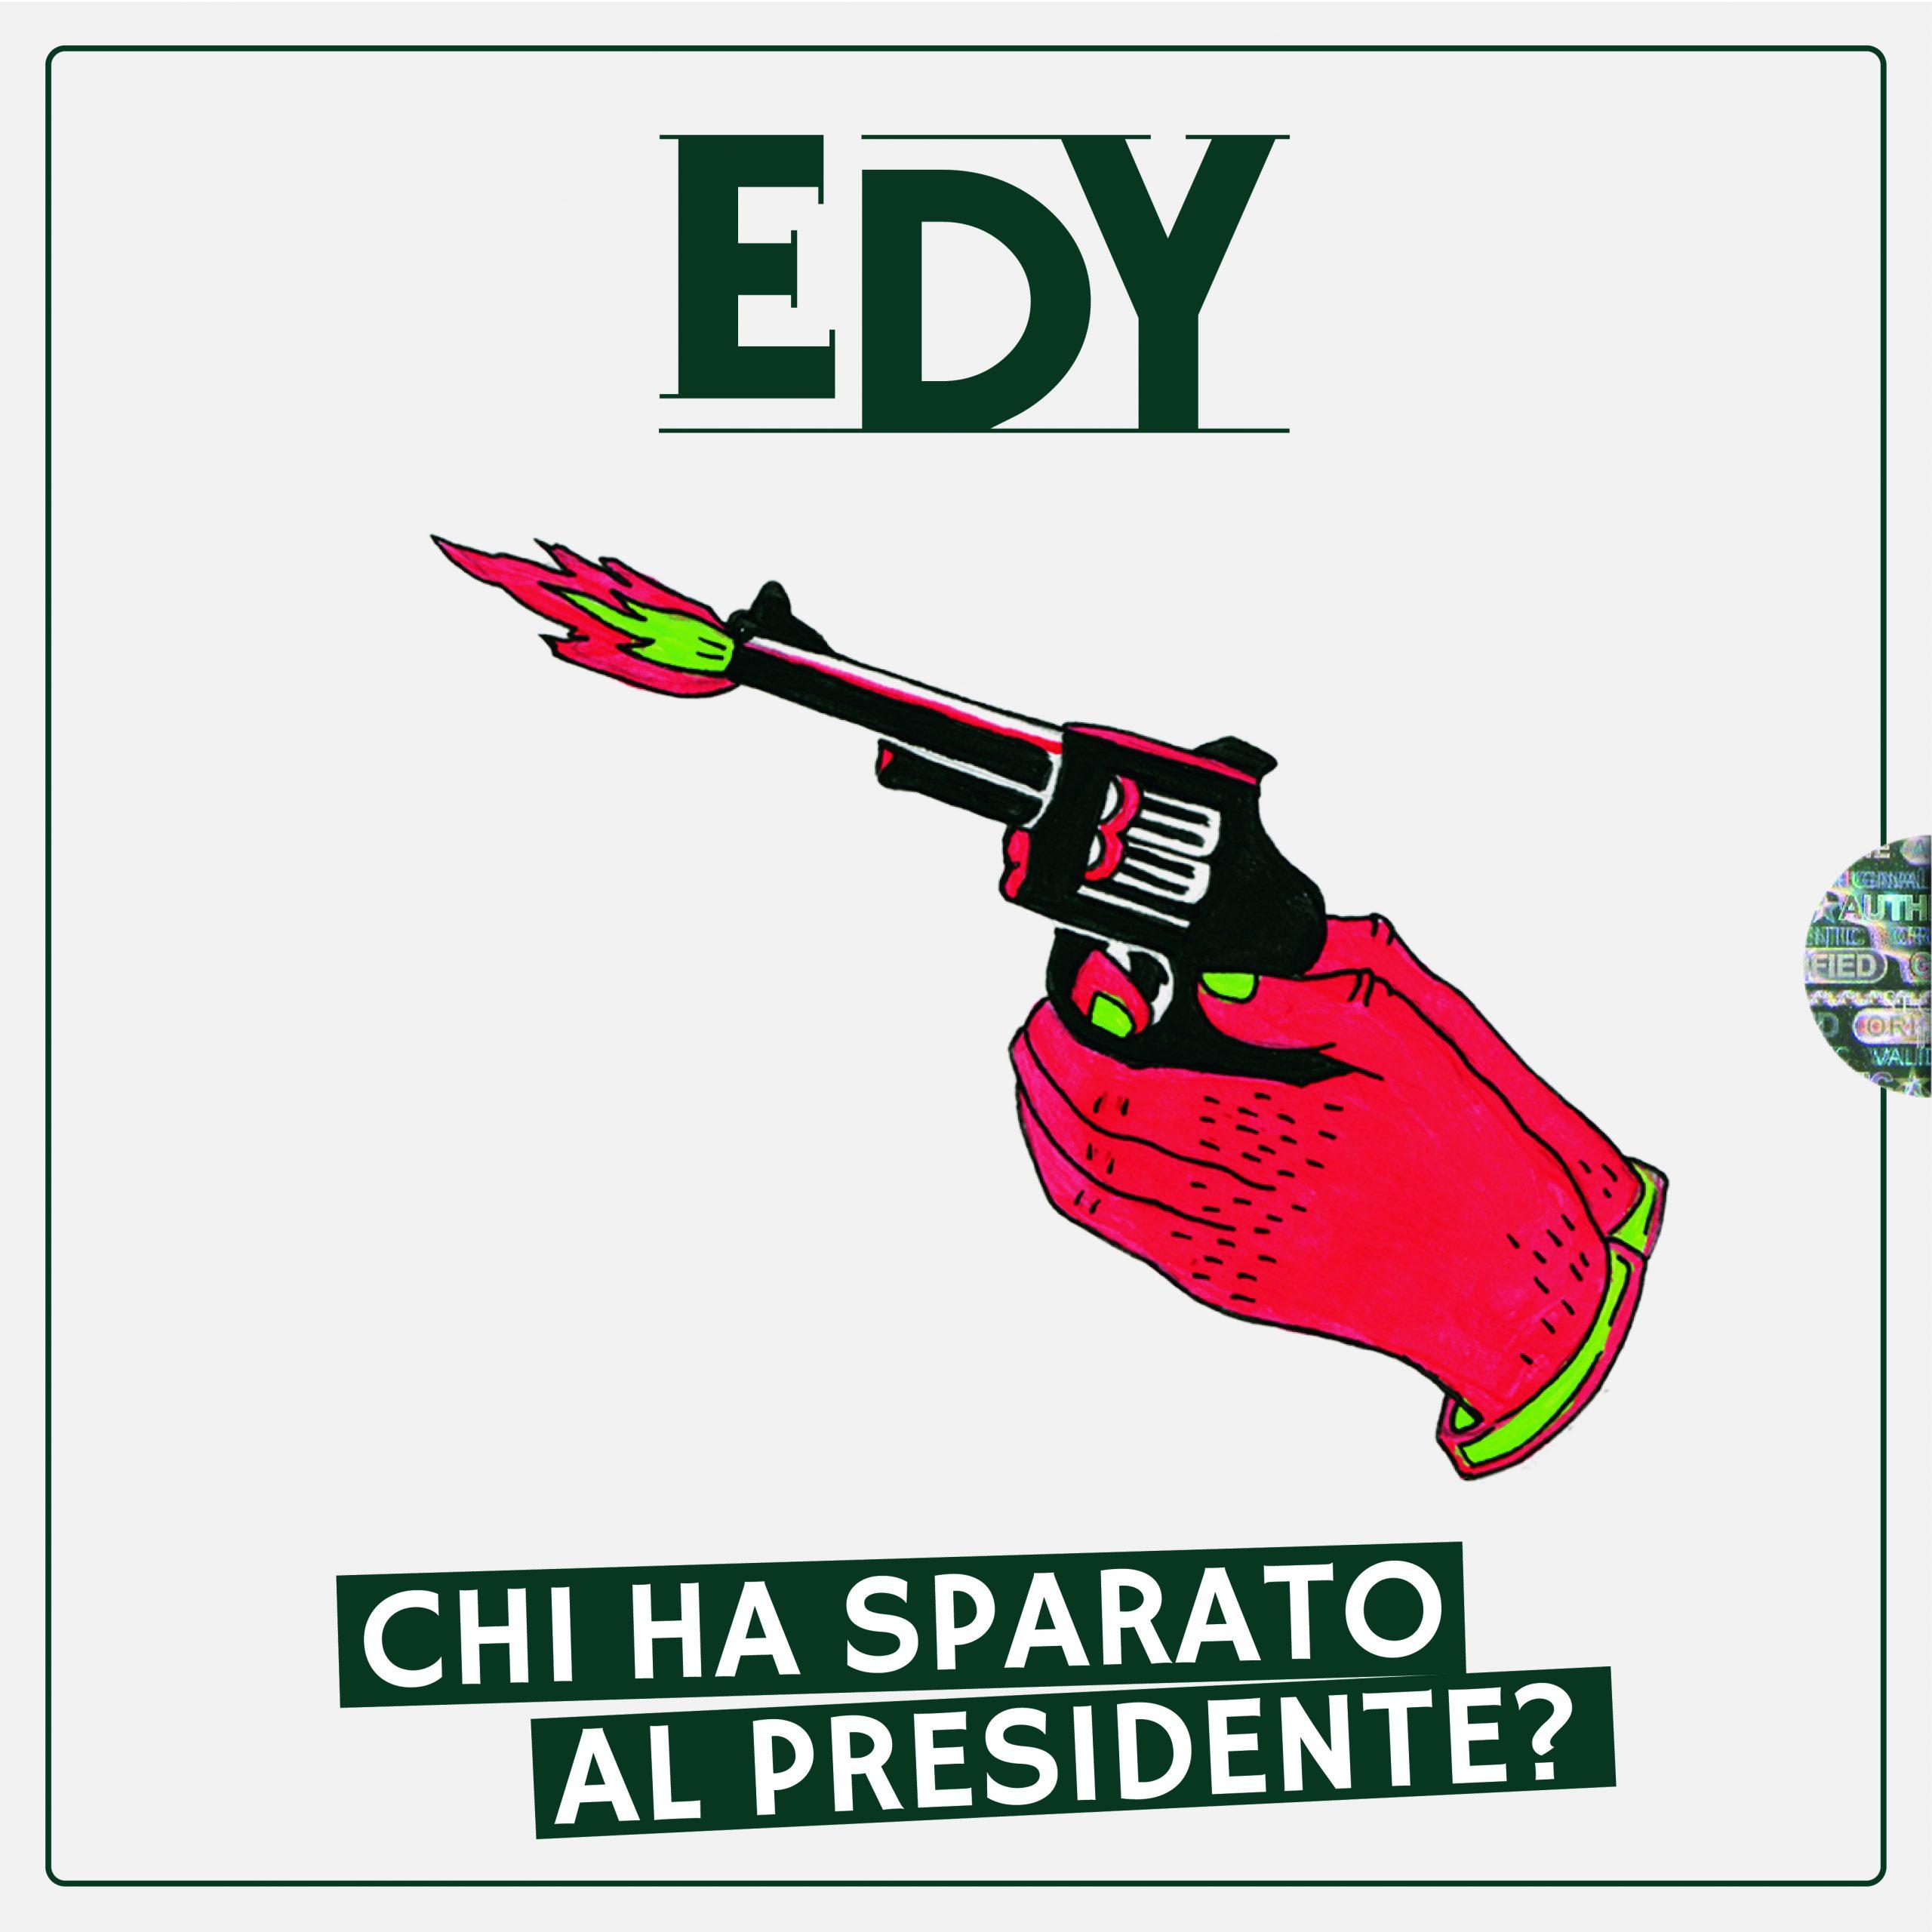 EDY presenta l'EP: CHI HA SPARATO AL PRESIDENTE?